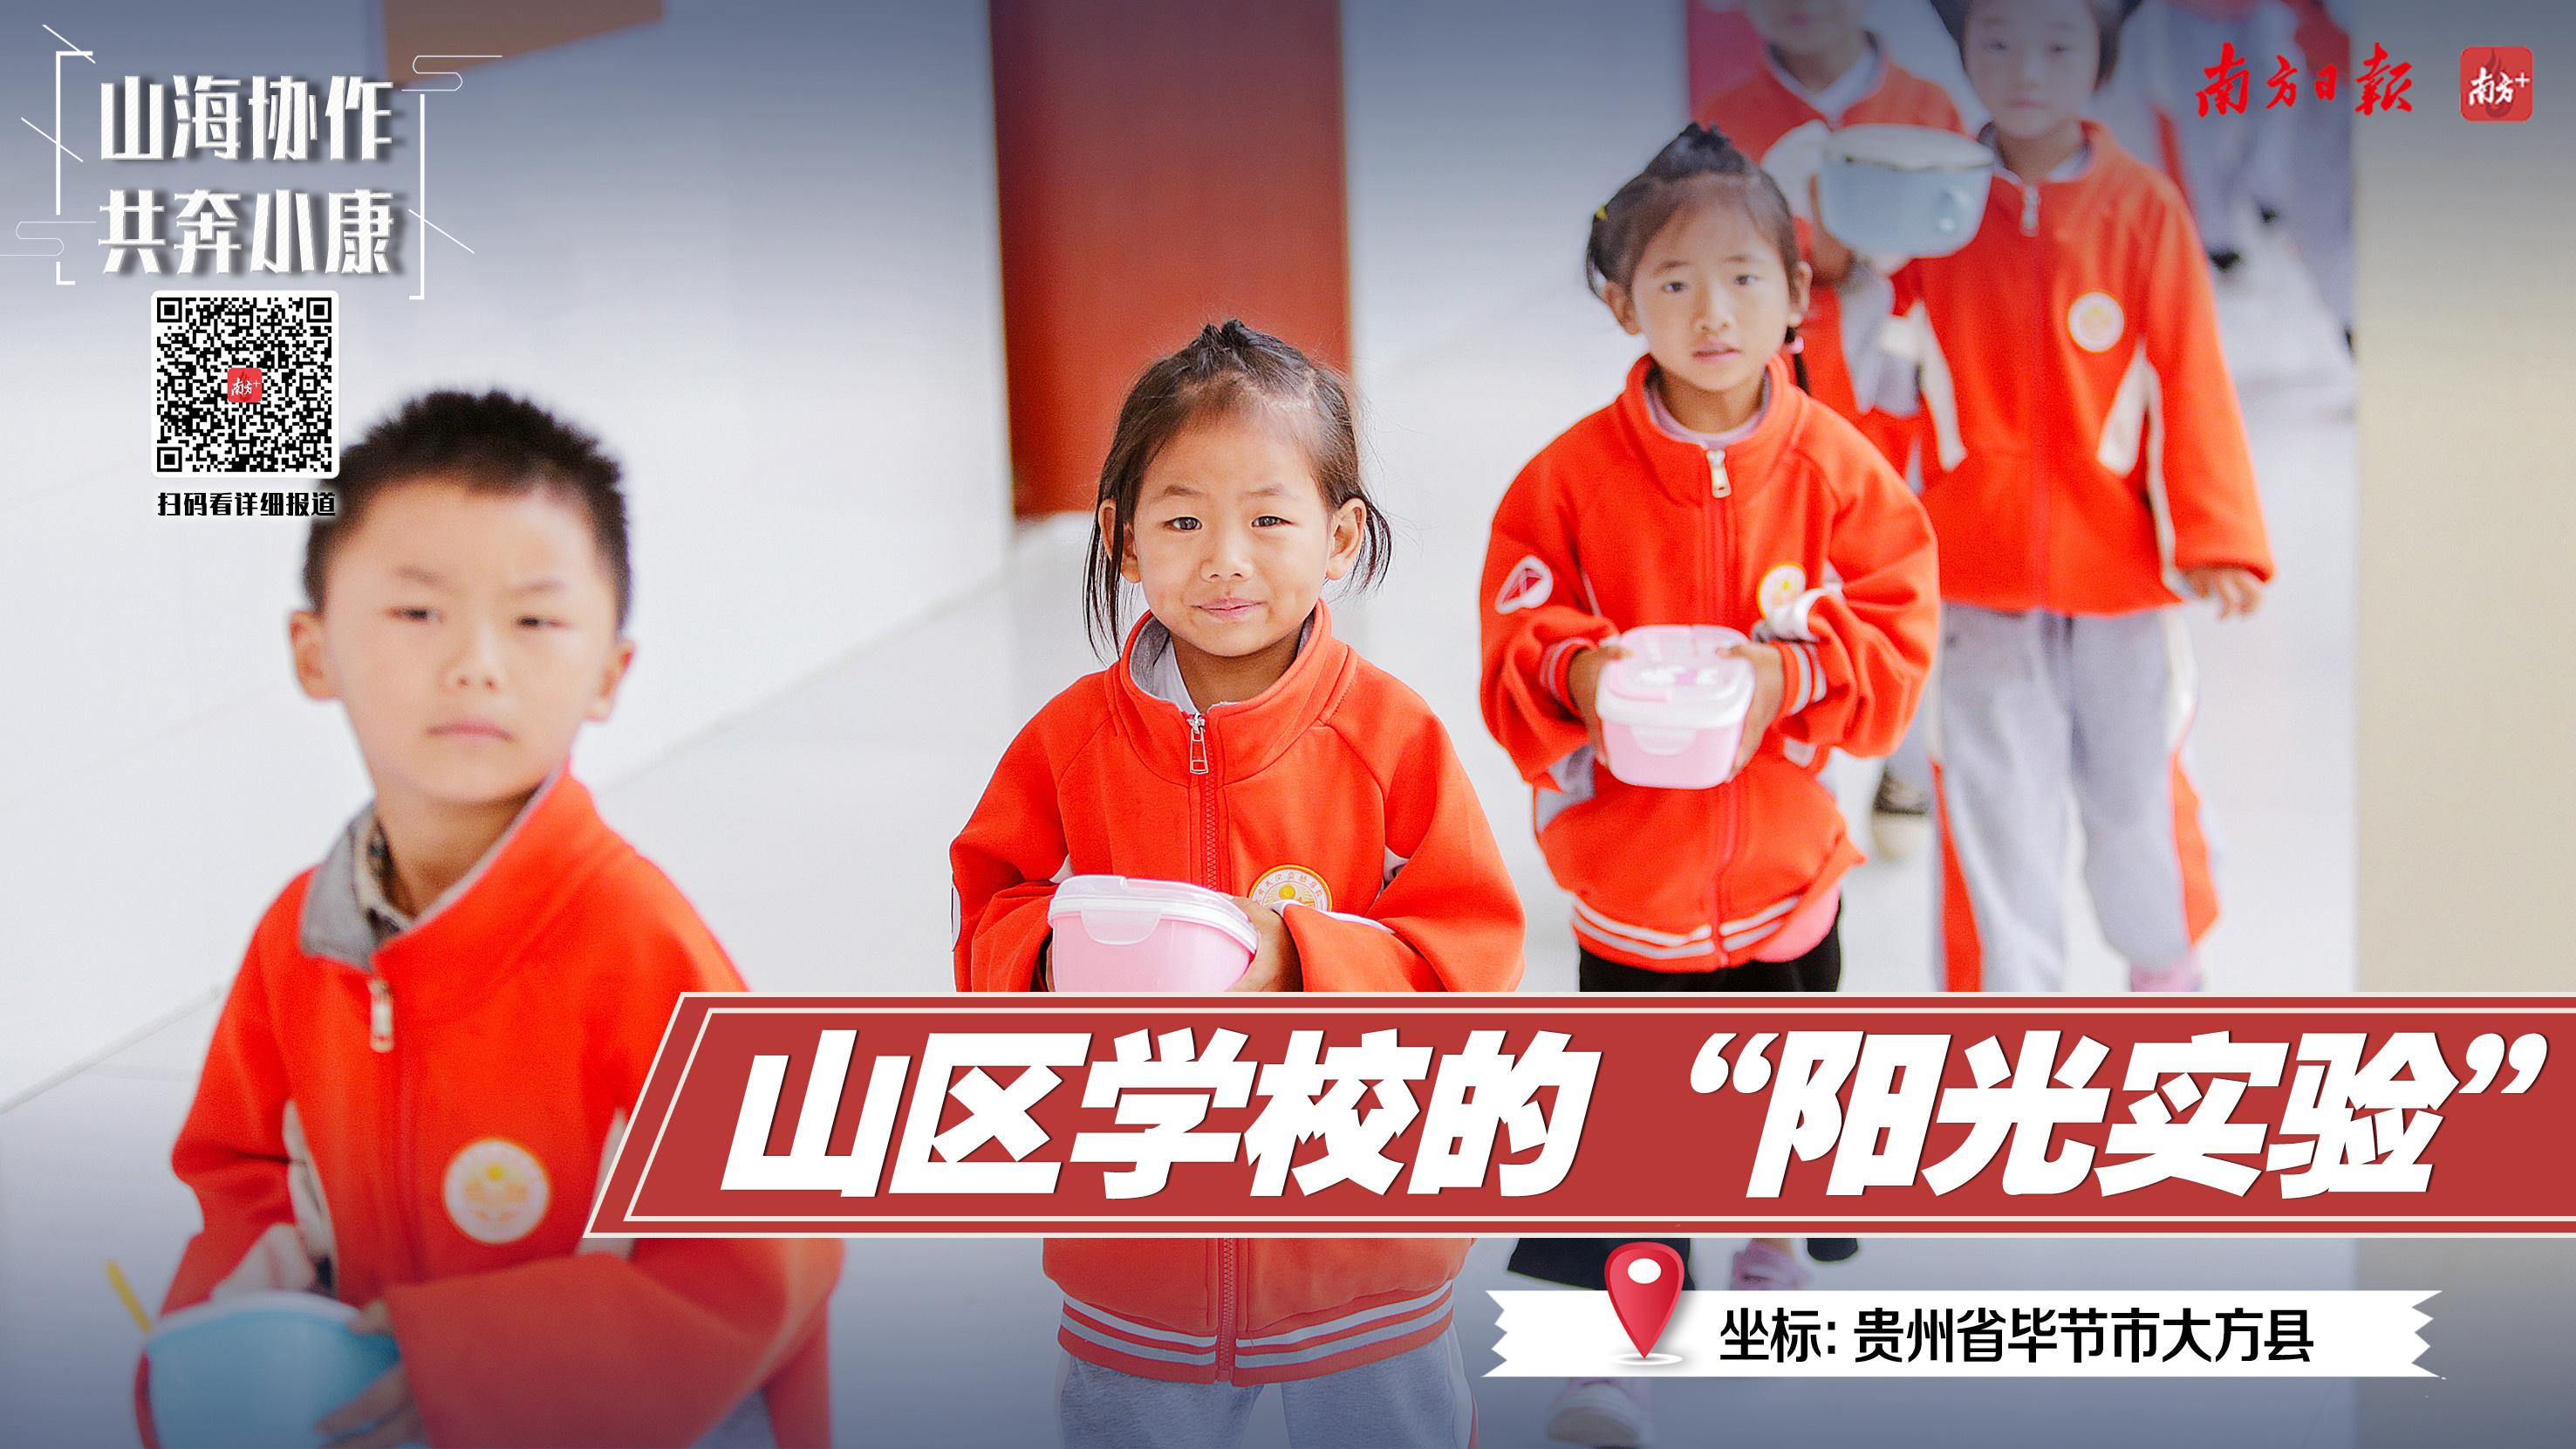 """山区县的""""阳光教育实验""""——广黔共举""""天大事"""",智志双扶育人才。"""